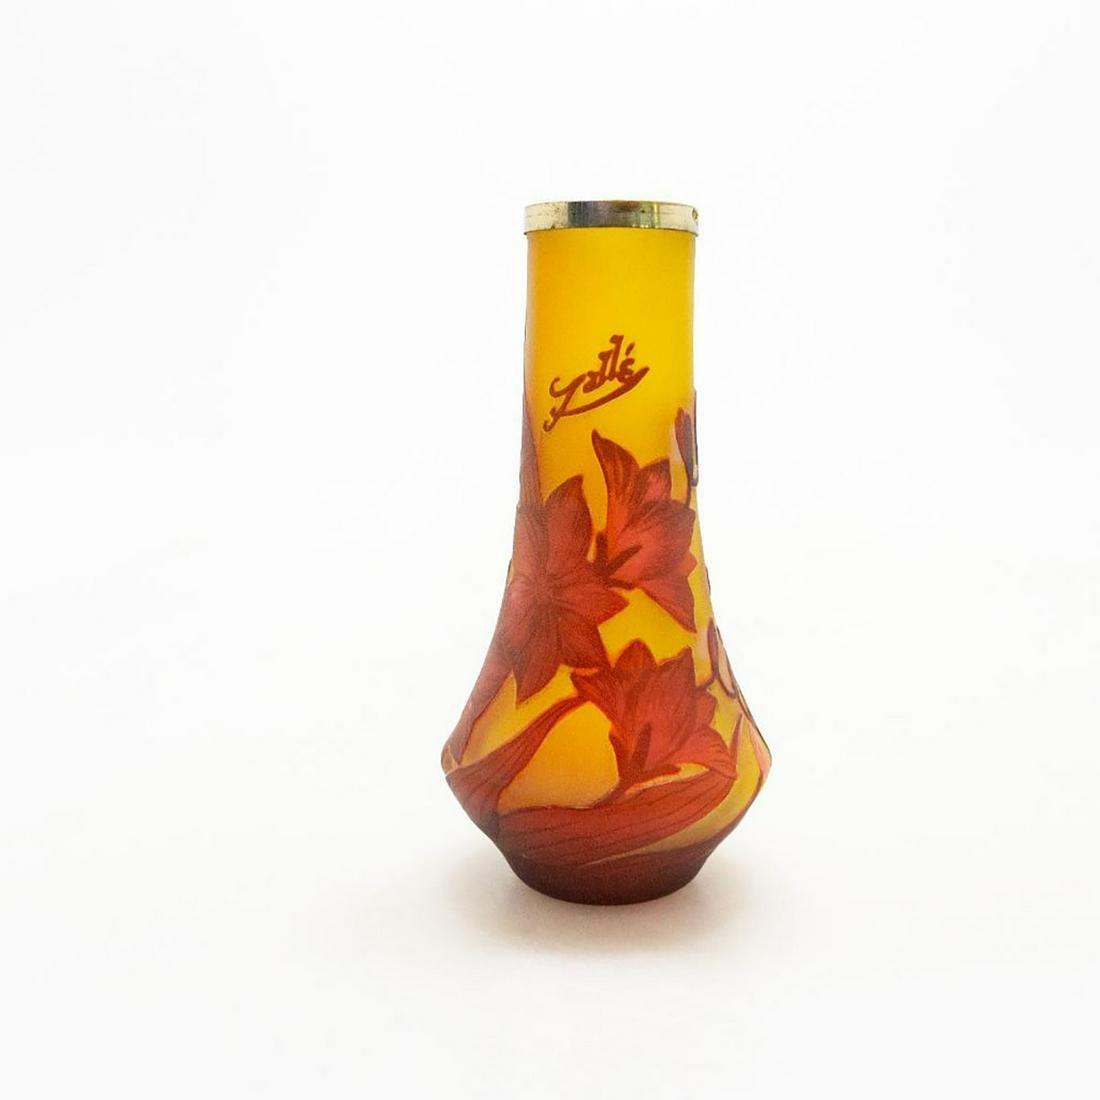 ART NOUVEAU EMILE GALLE ART GLASS CAMEO VASE